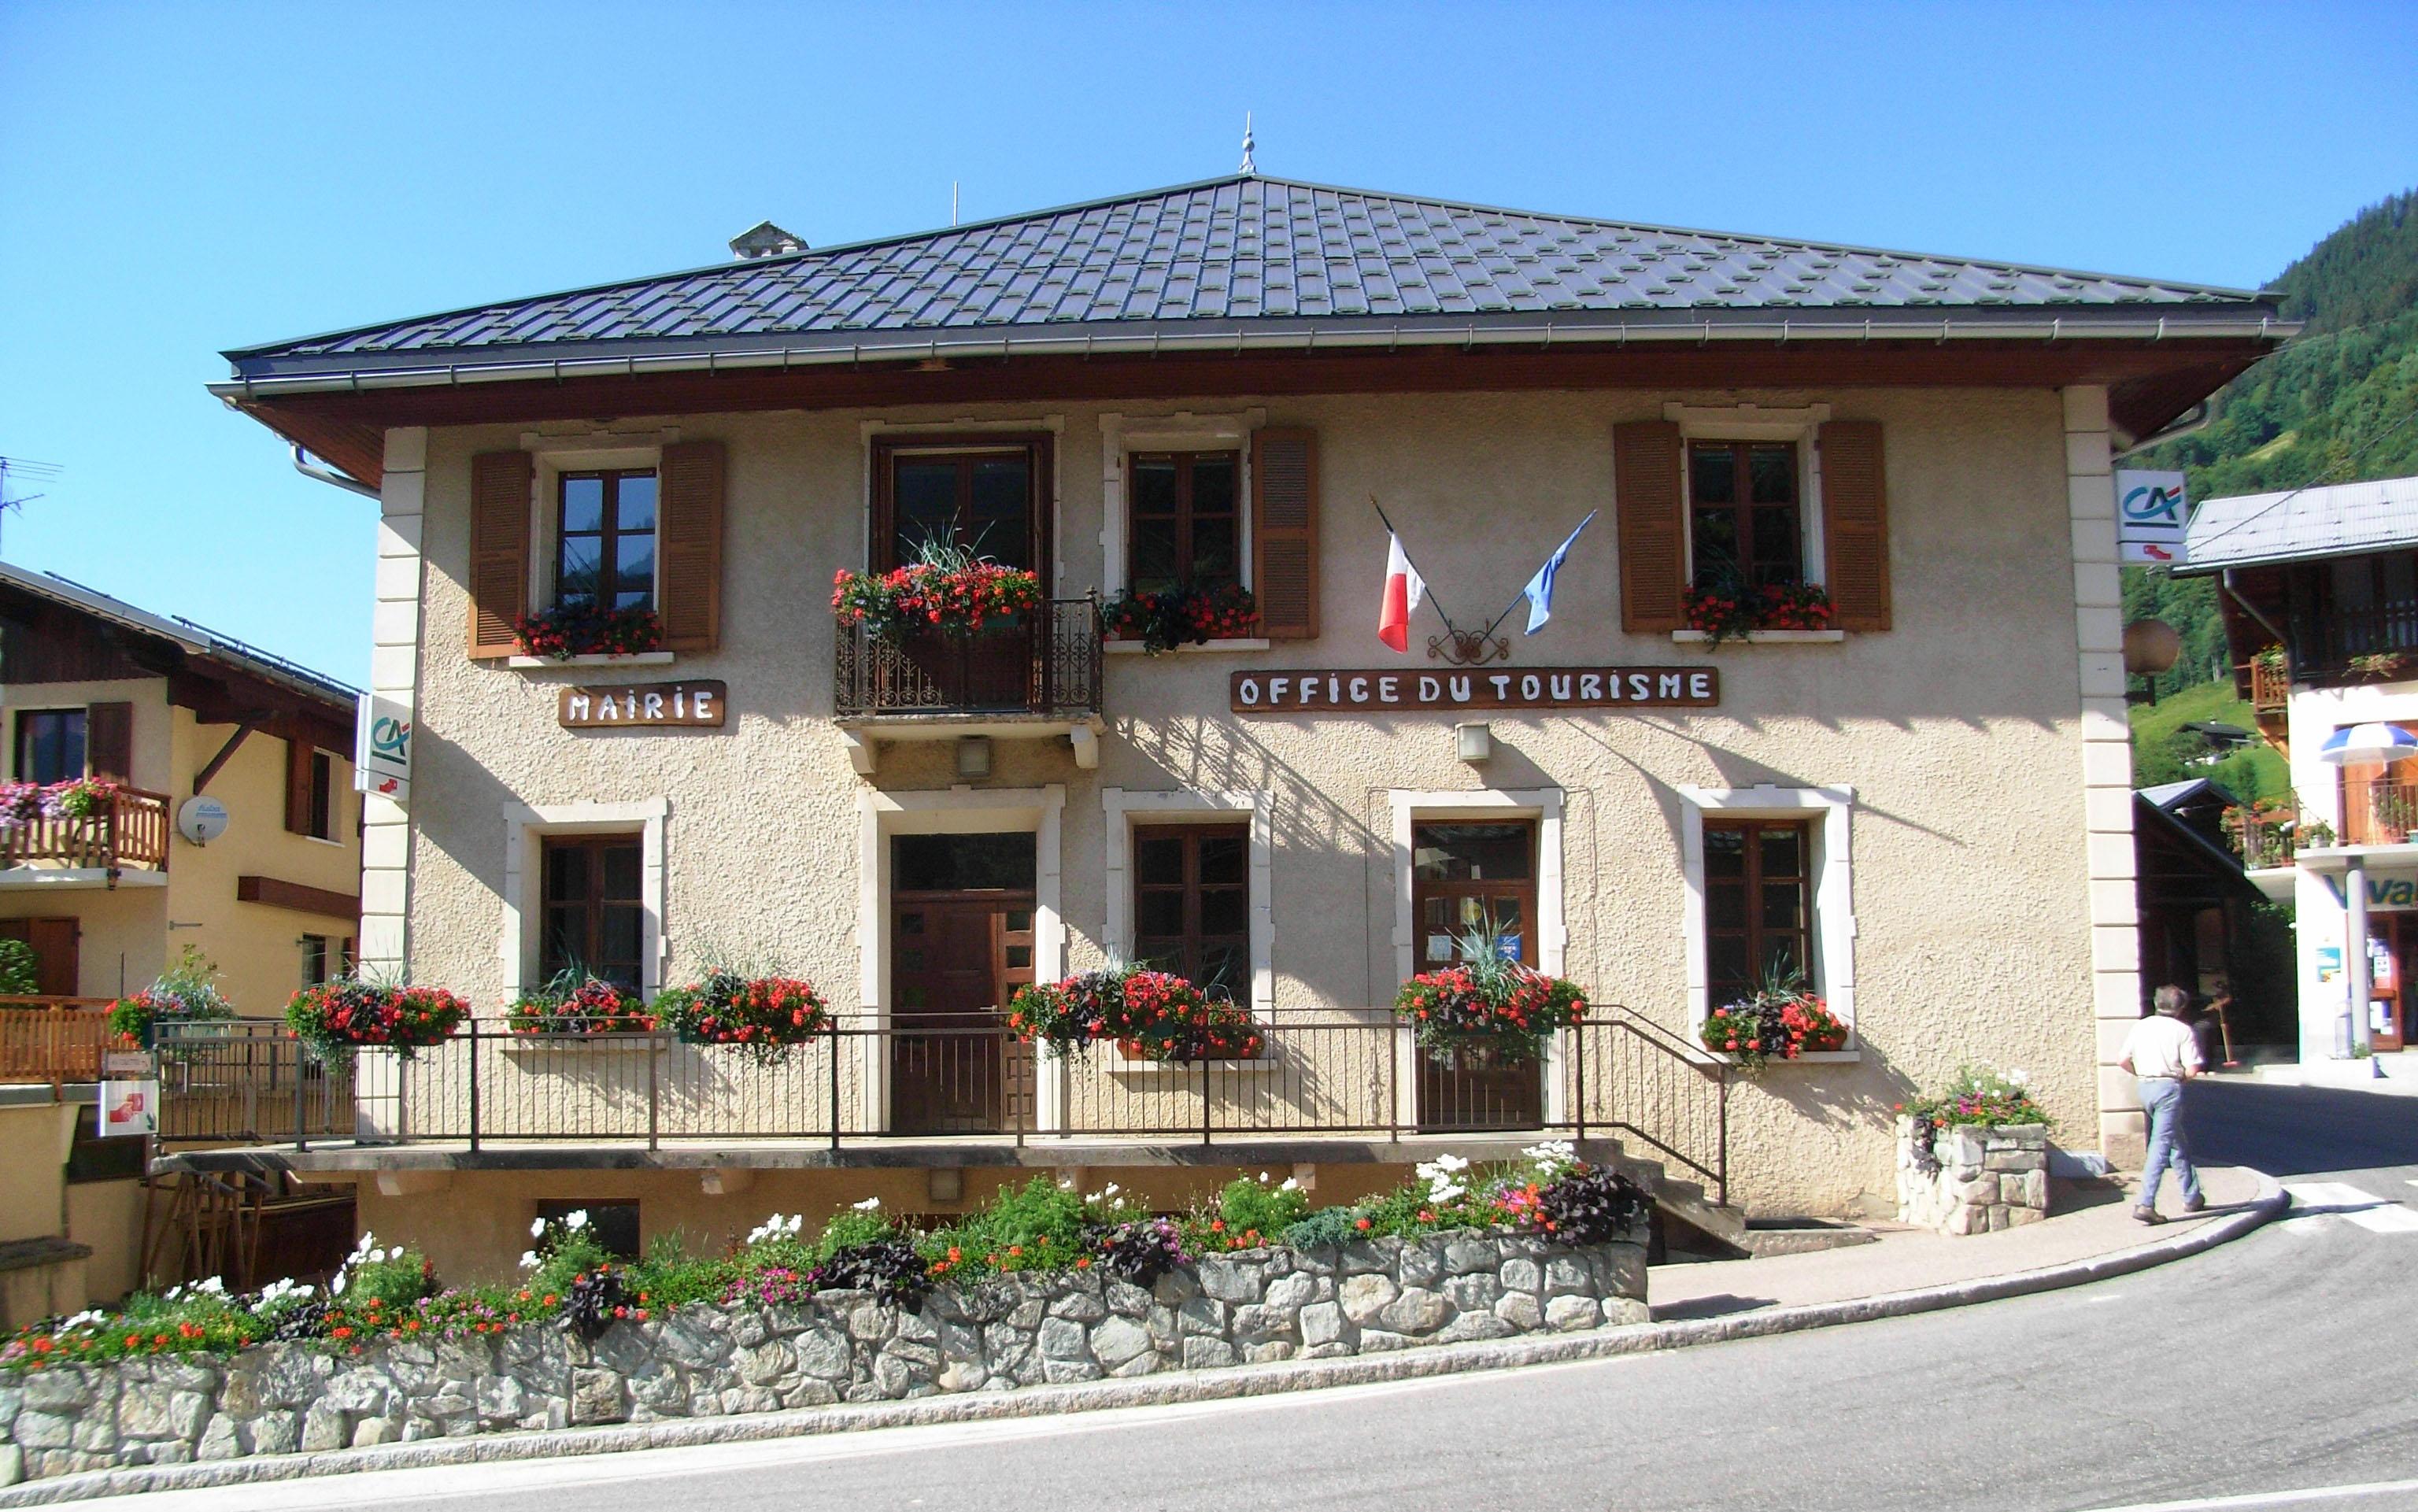 Office de tourisme d 39 ar ches beaufort savoie mont blanc - Beaufort sur doron office du tourisme ...